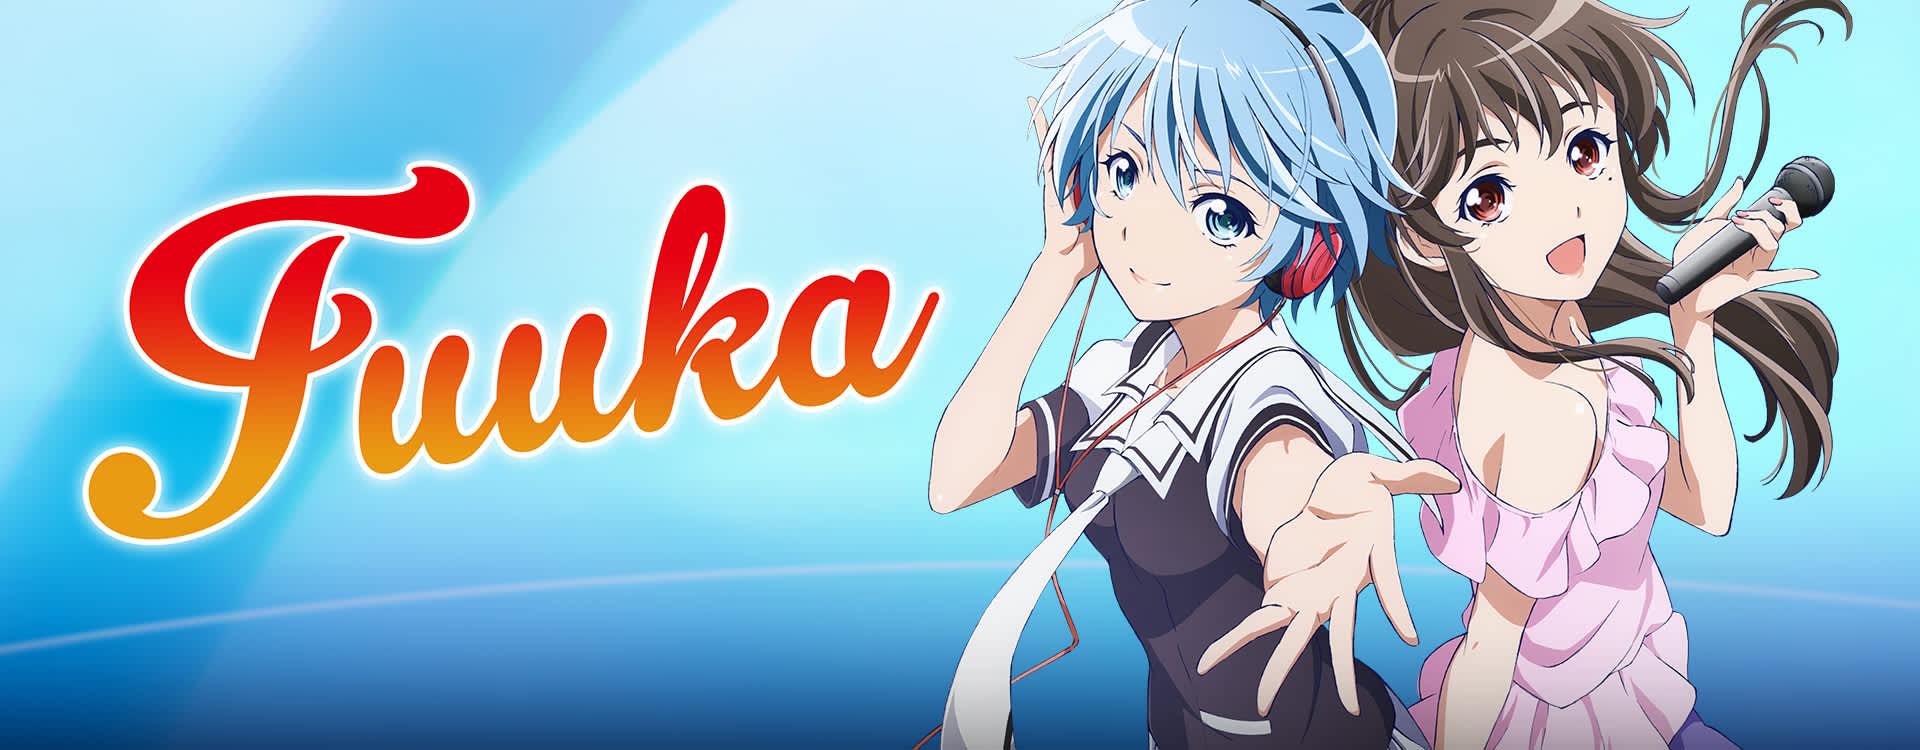 Stream Watch Fuuka Episodes Online